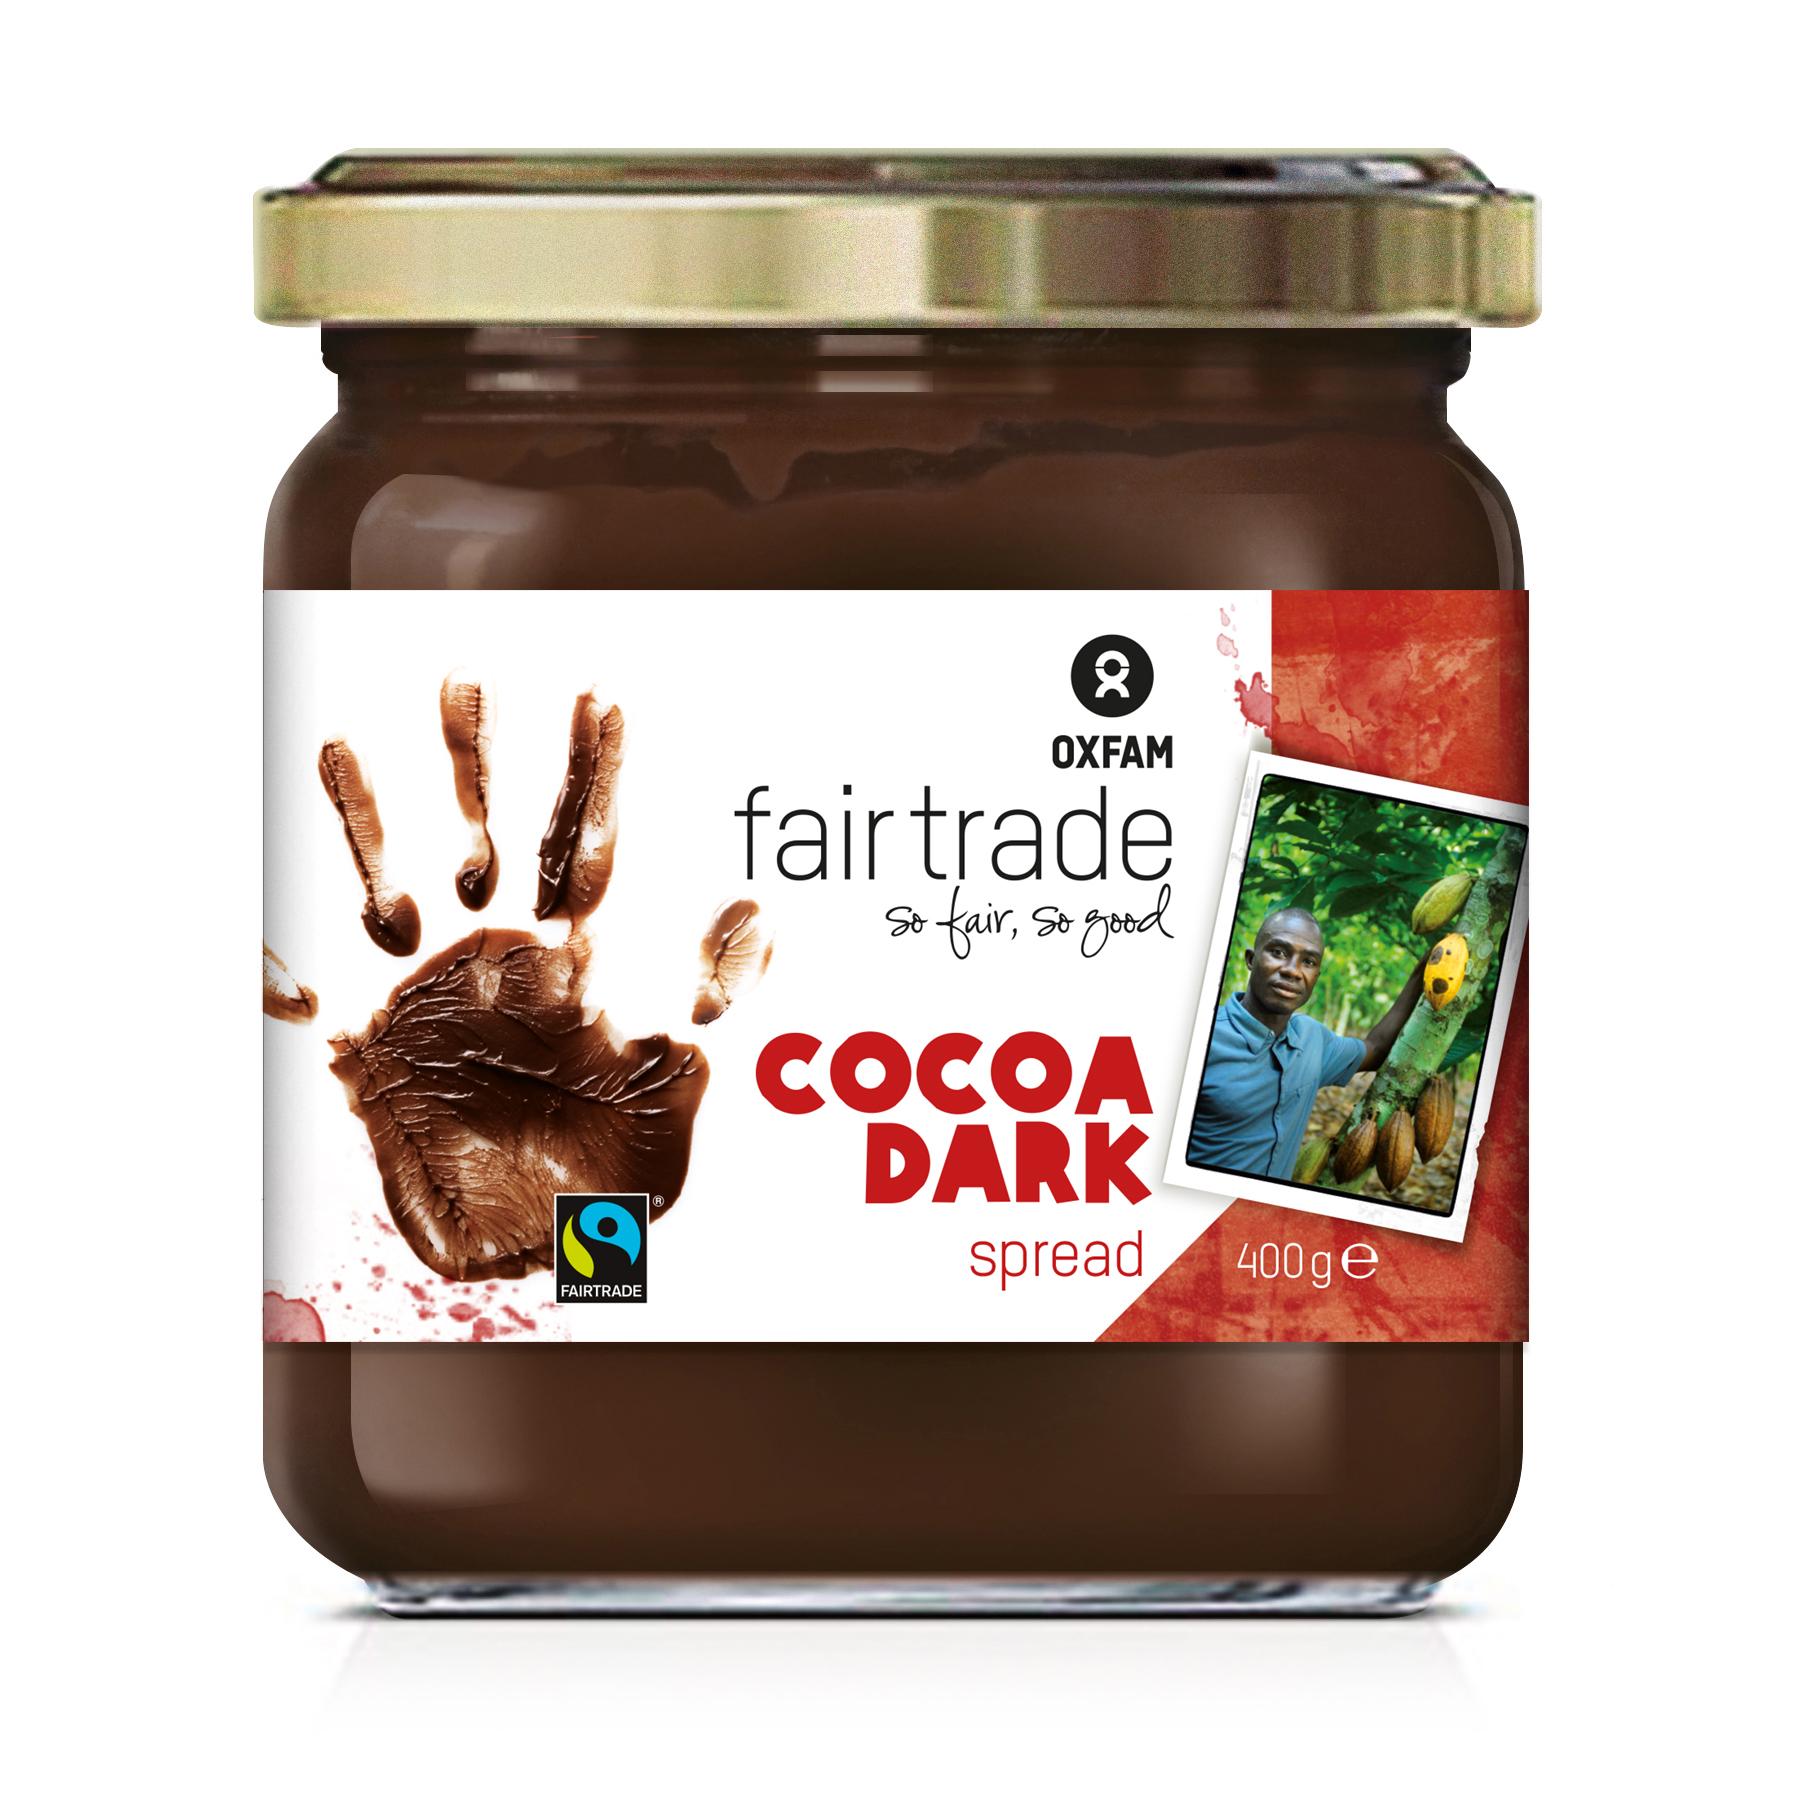 Oxfam Fair Trade 26401